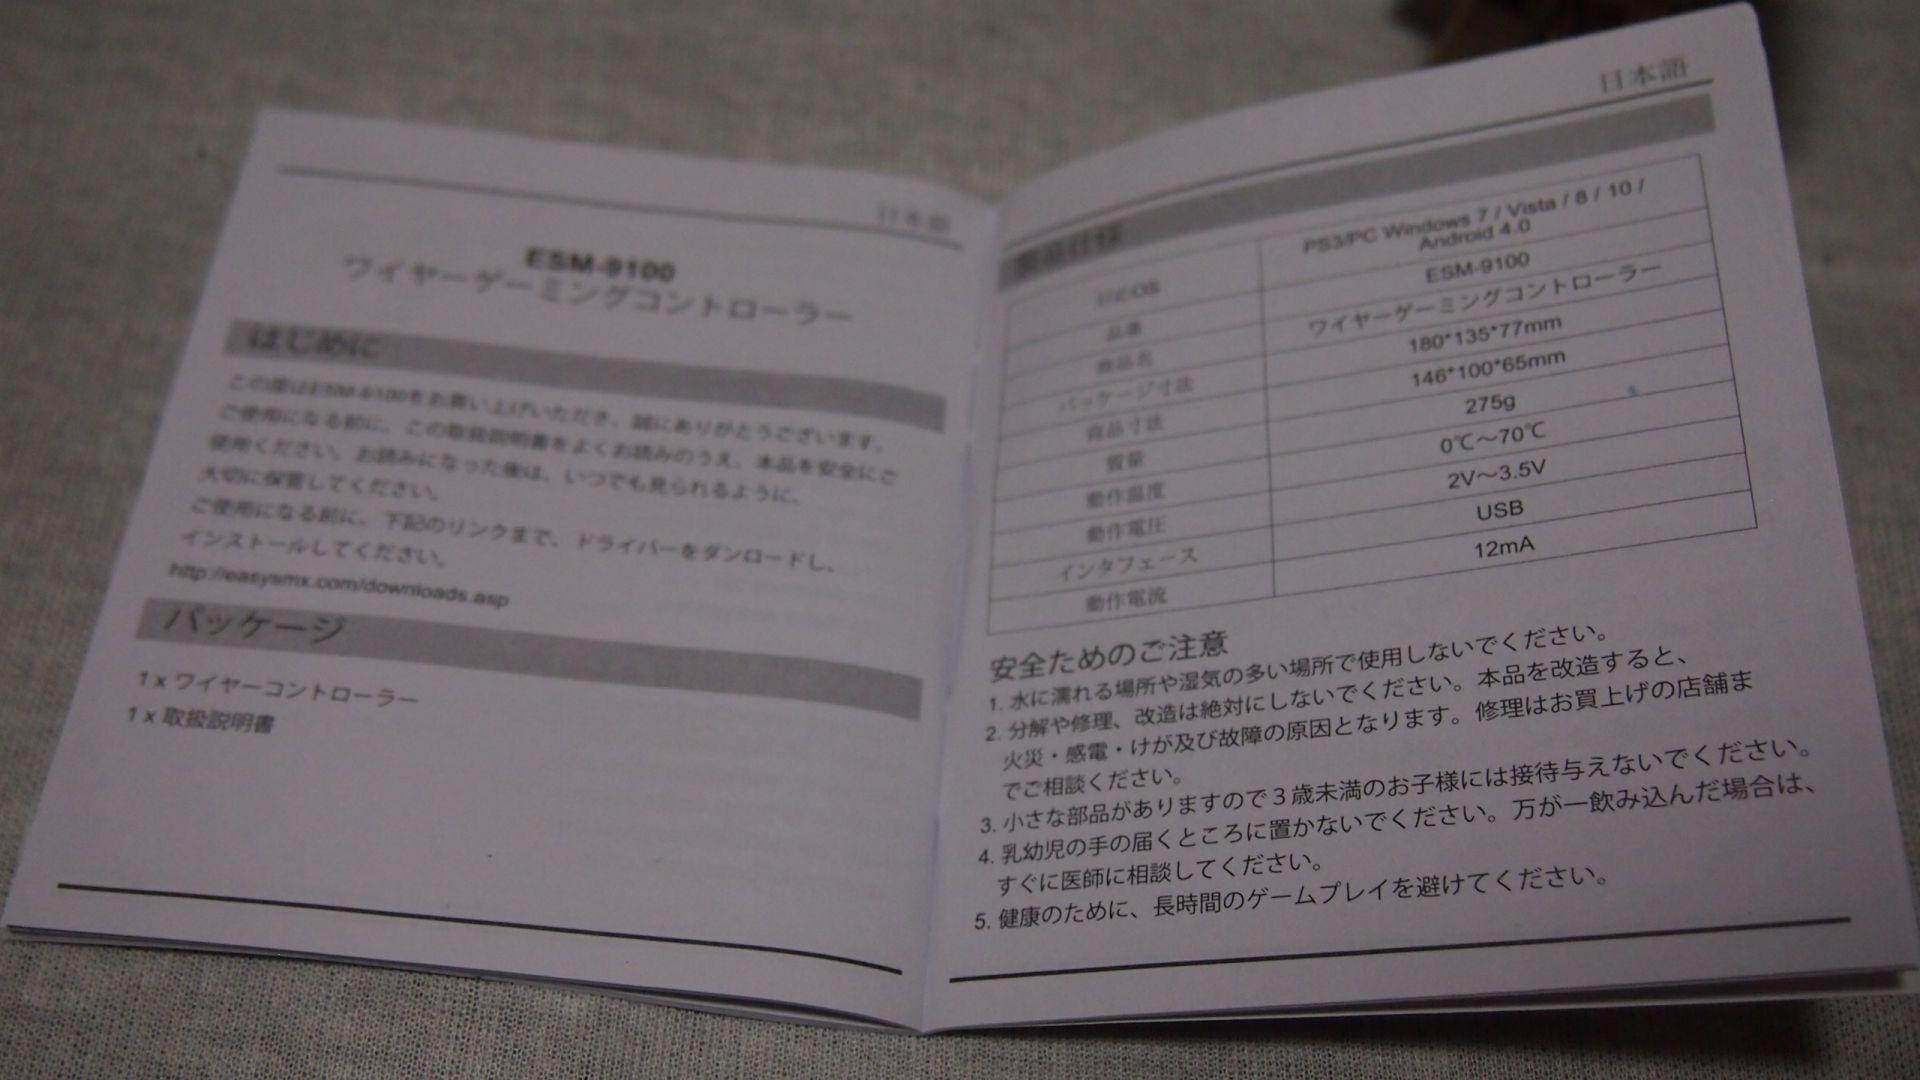 説明書は日本語